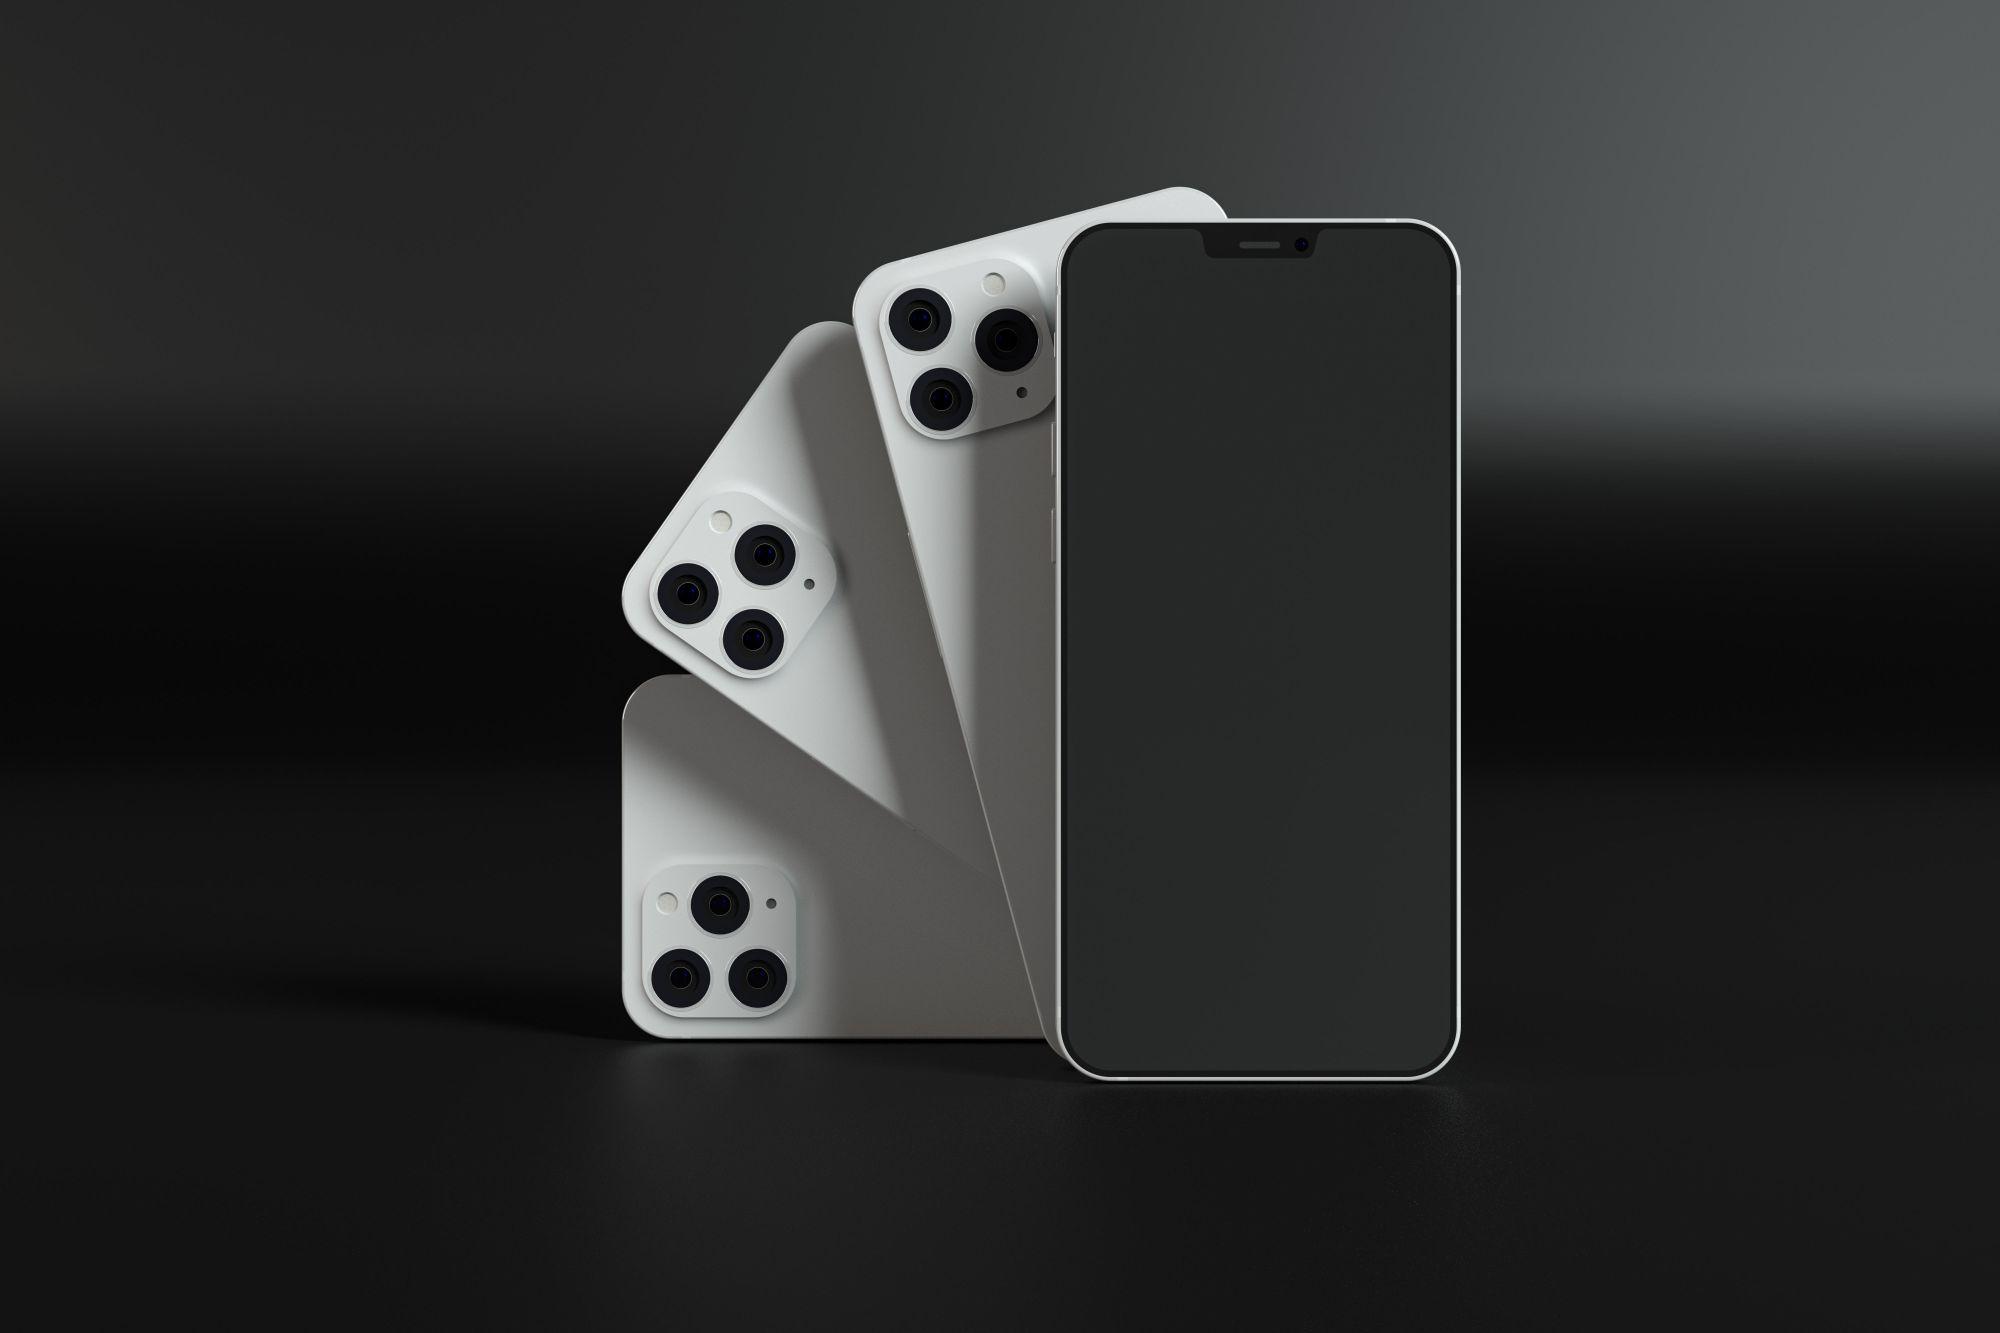 Három kamerával rendelkező modern okostelefon